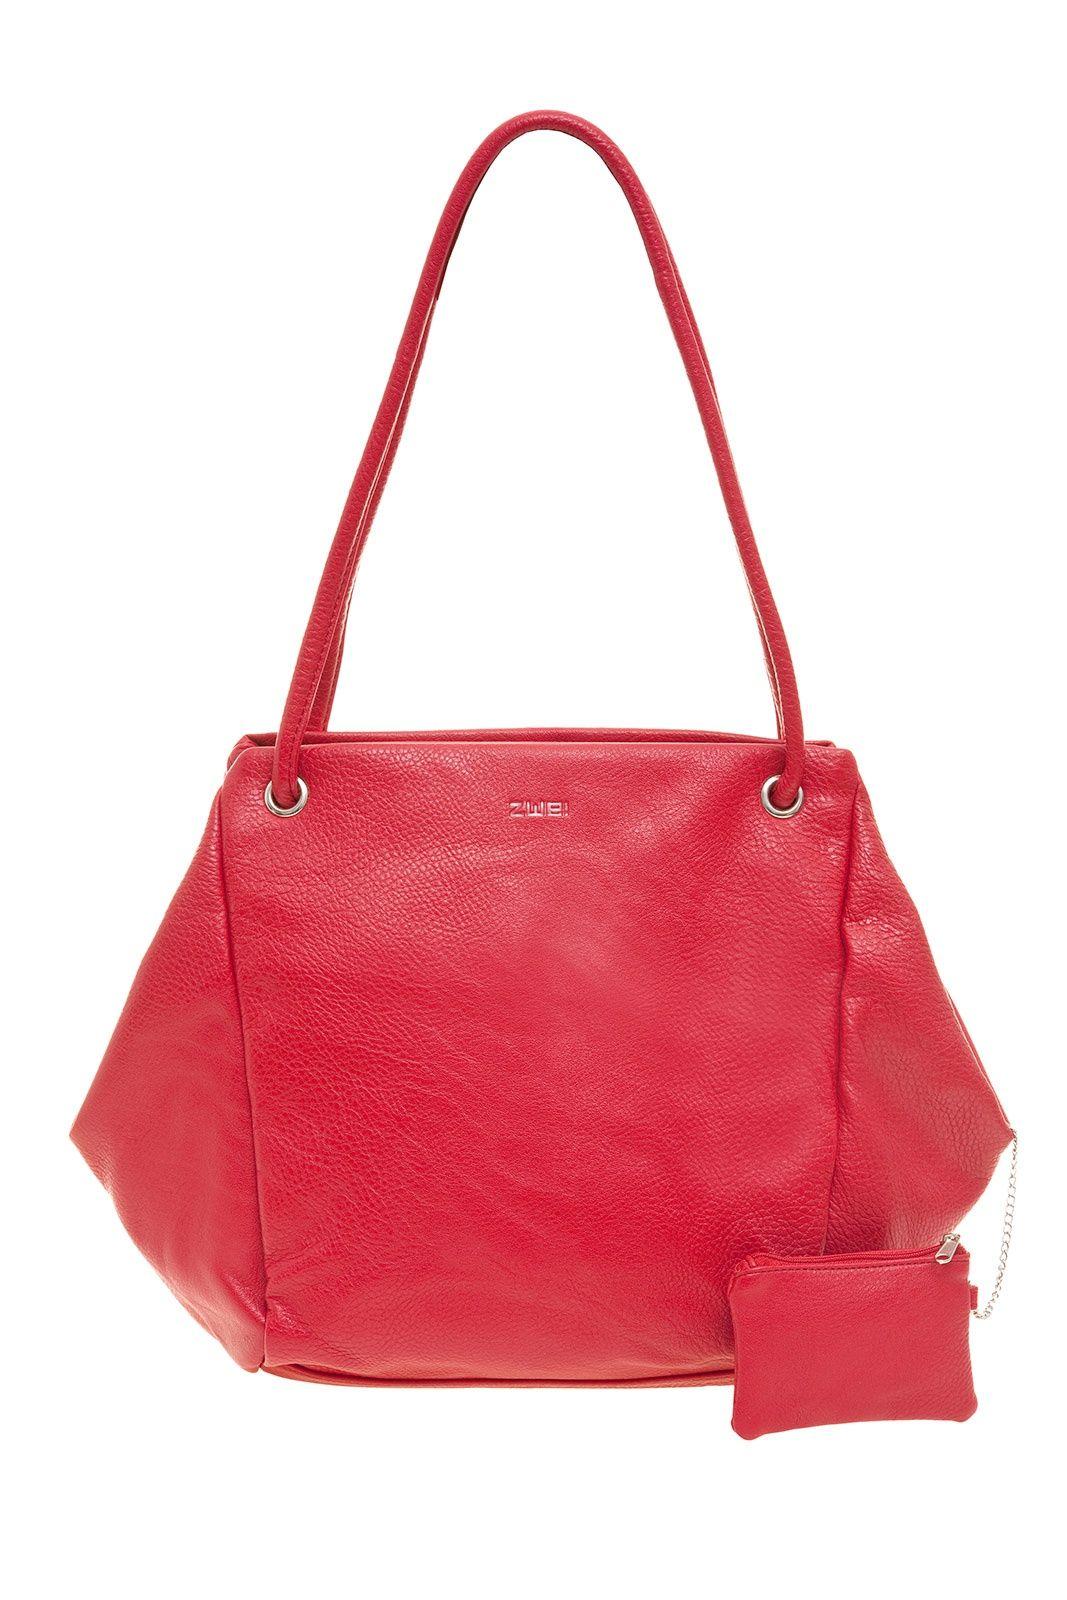 Frauentaschen Irma I12 Zwei Taschen Handtasche Rot